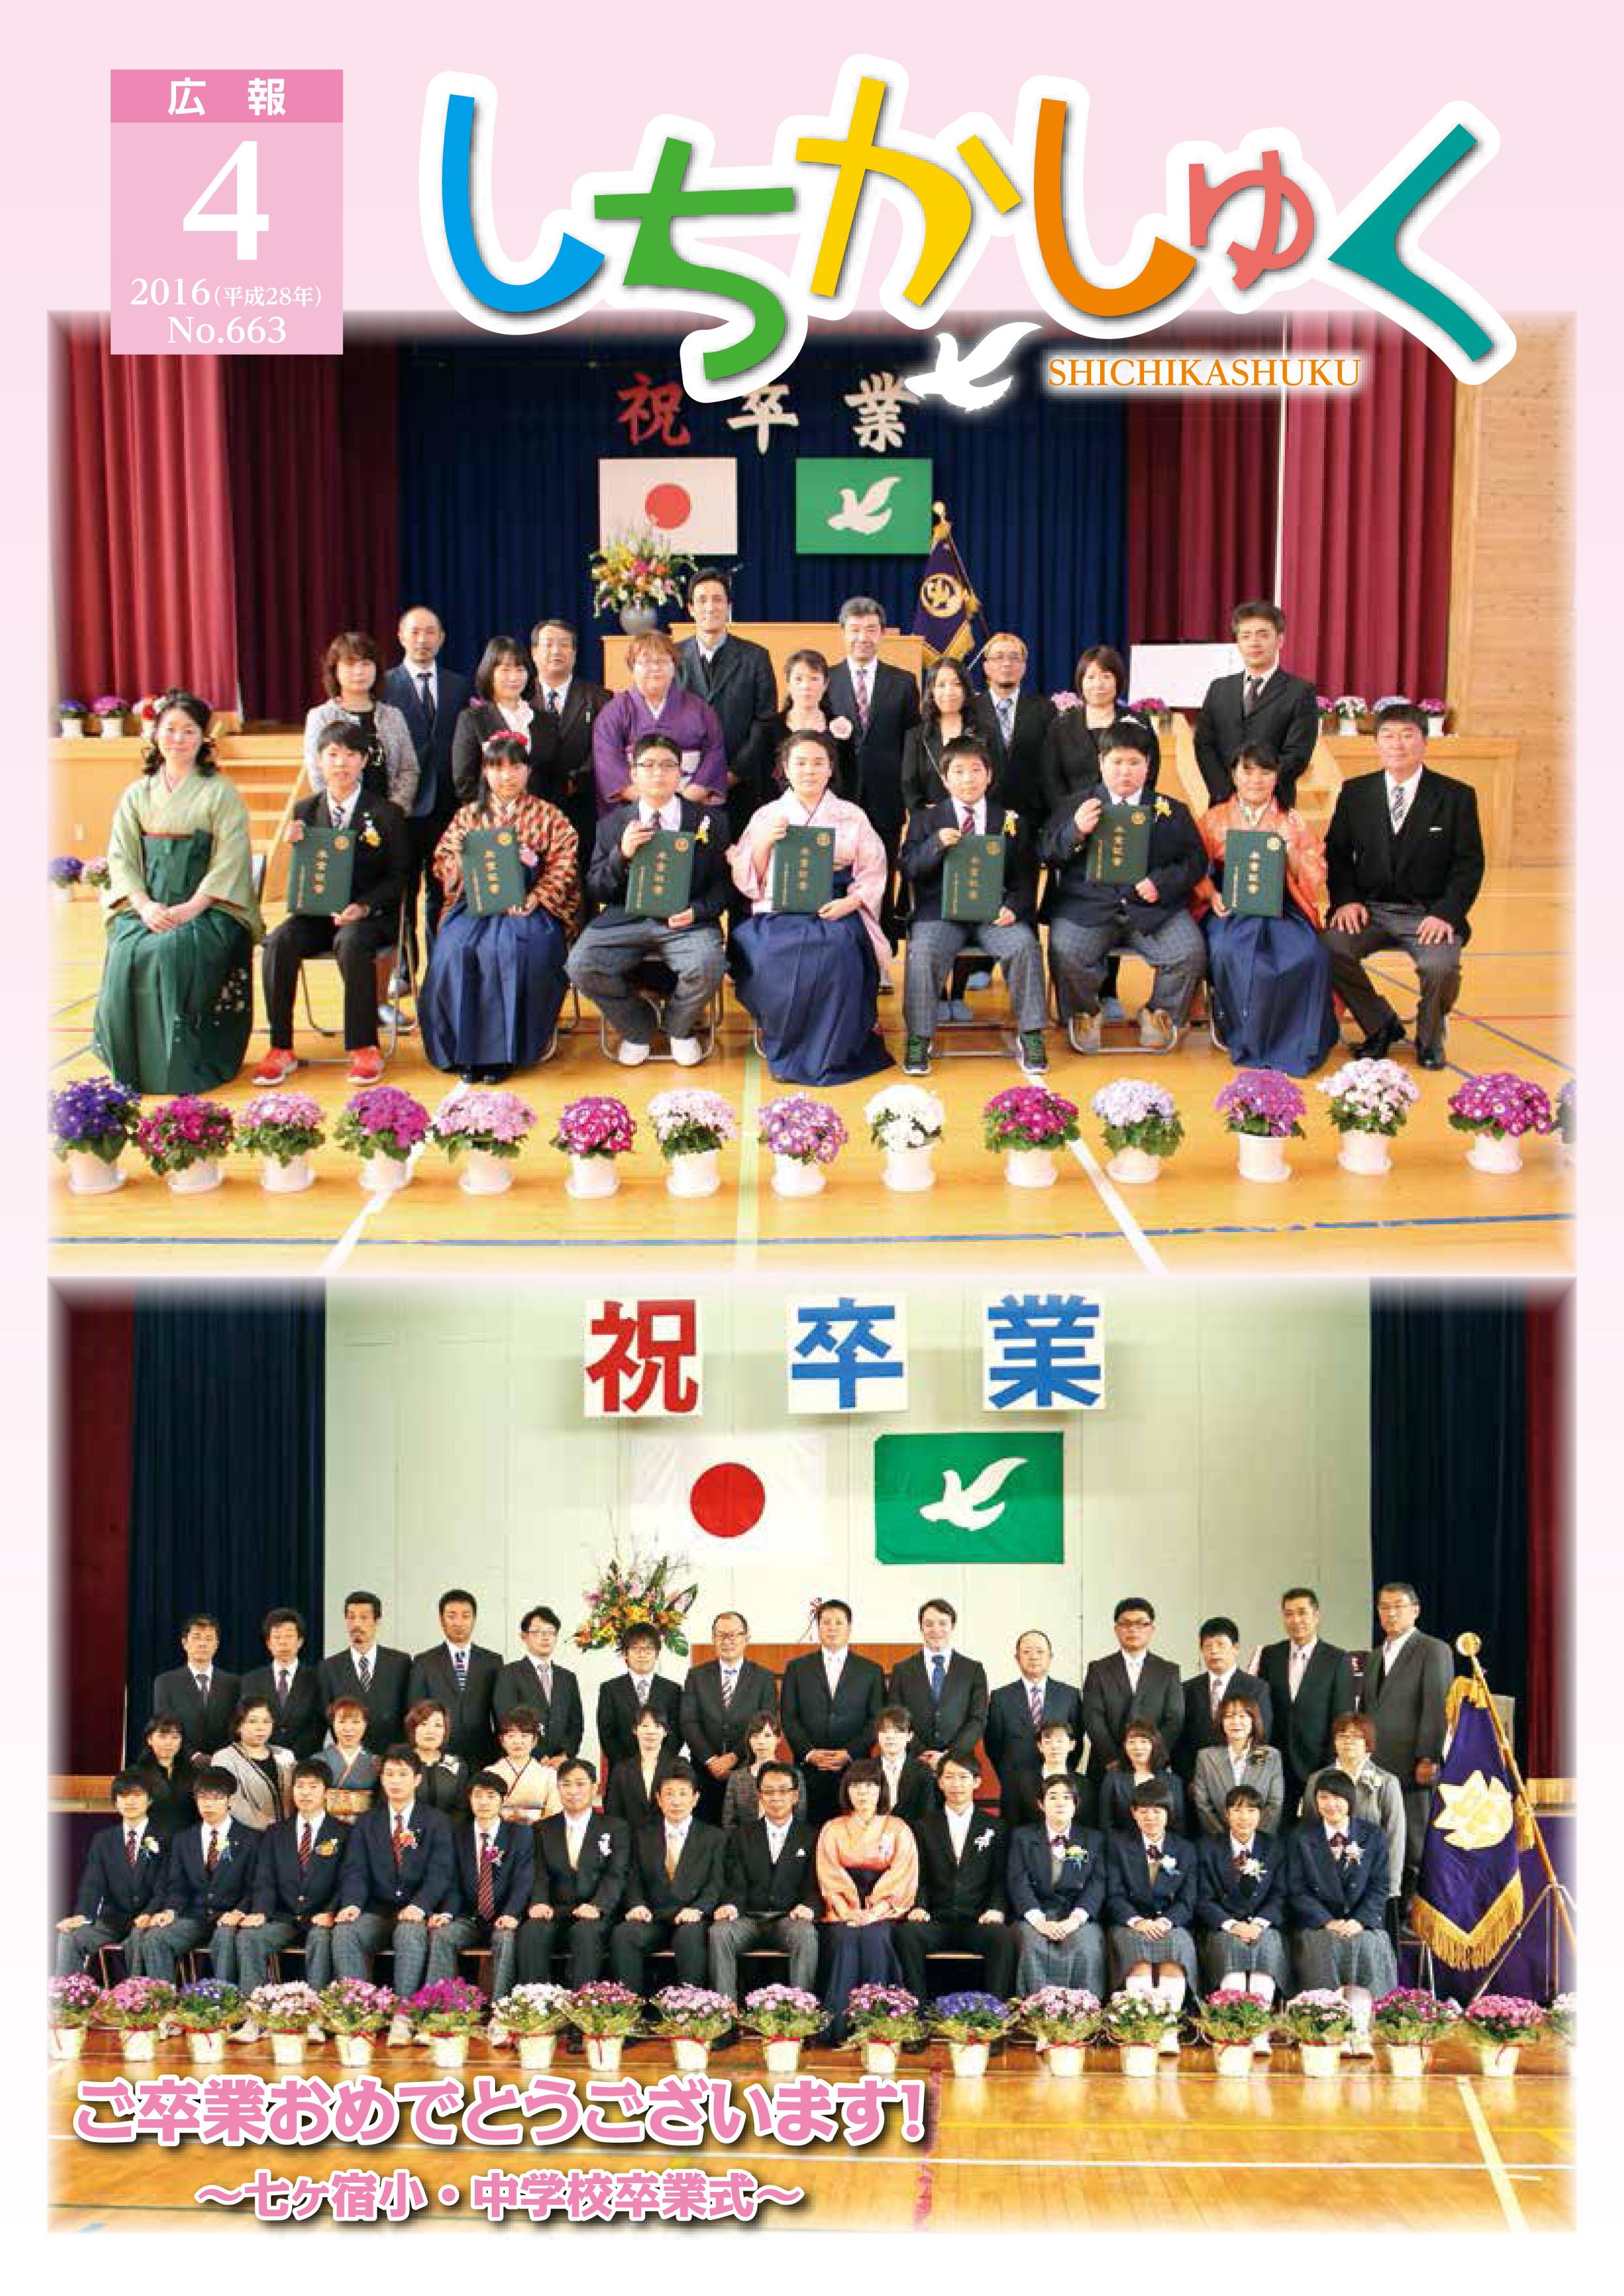 ご卒業おめでとうございます!〜七ヶ宿小・中学校卒業式〜